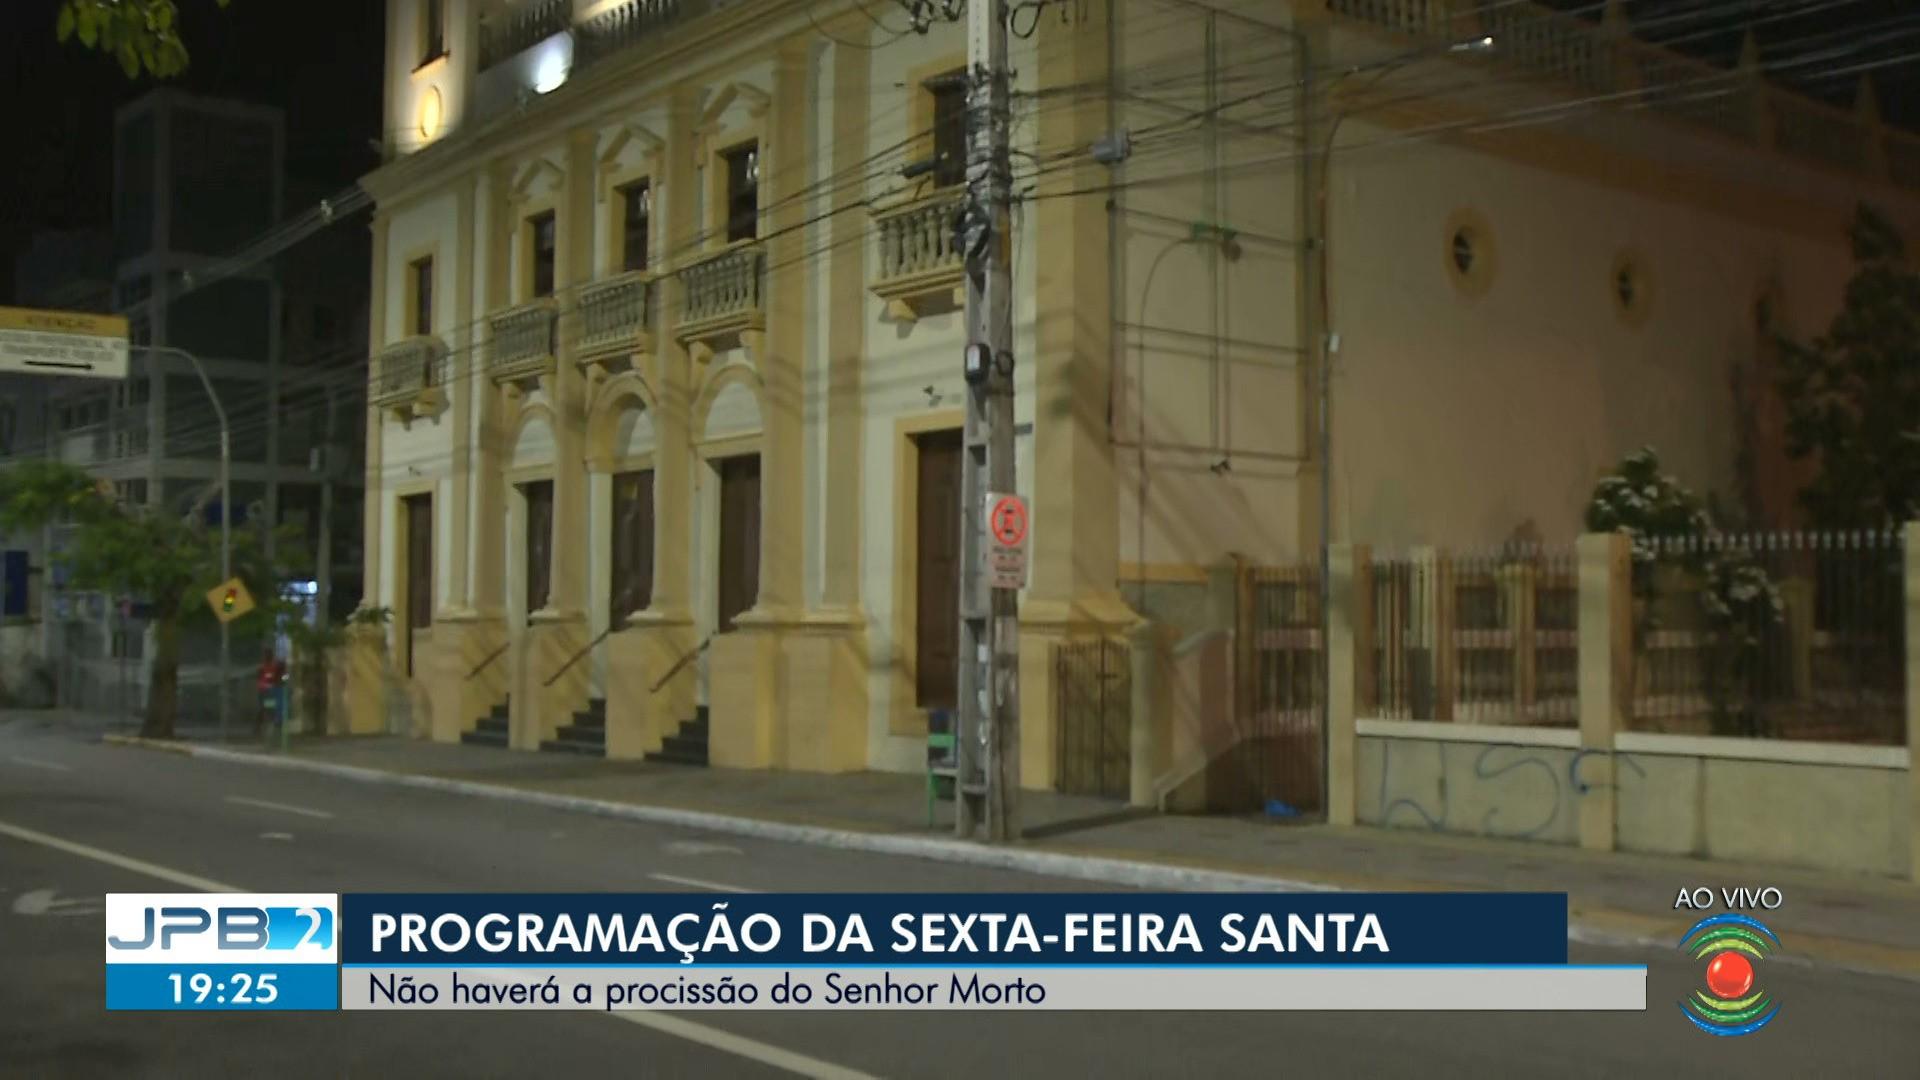 VÍDEOS: JPB 2 (TV Paraíba) desta terça-feira, 9 de abril